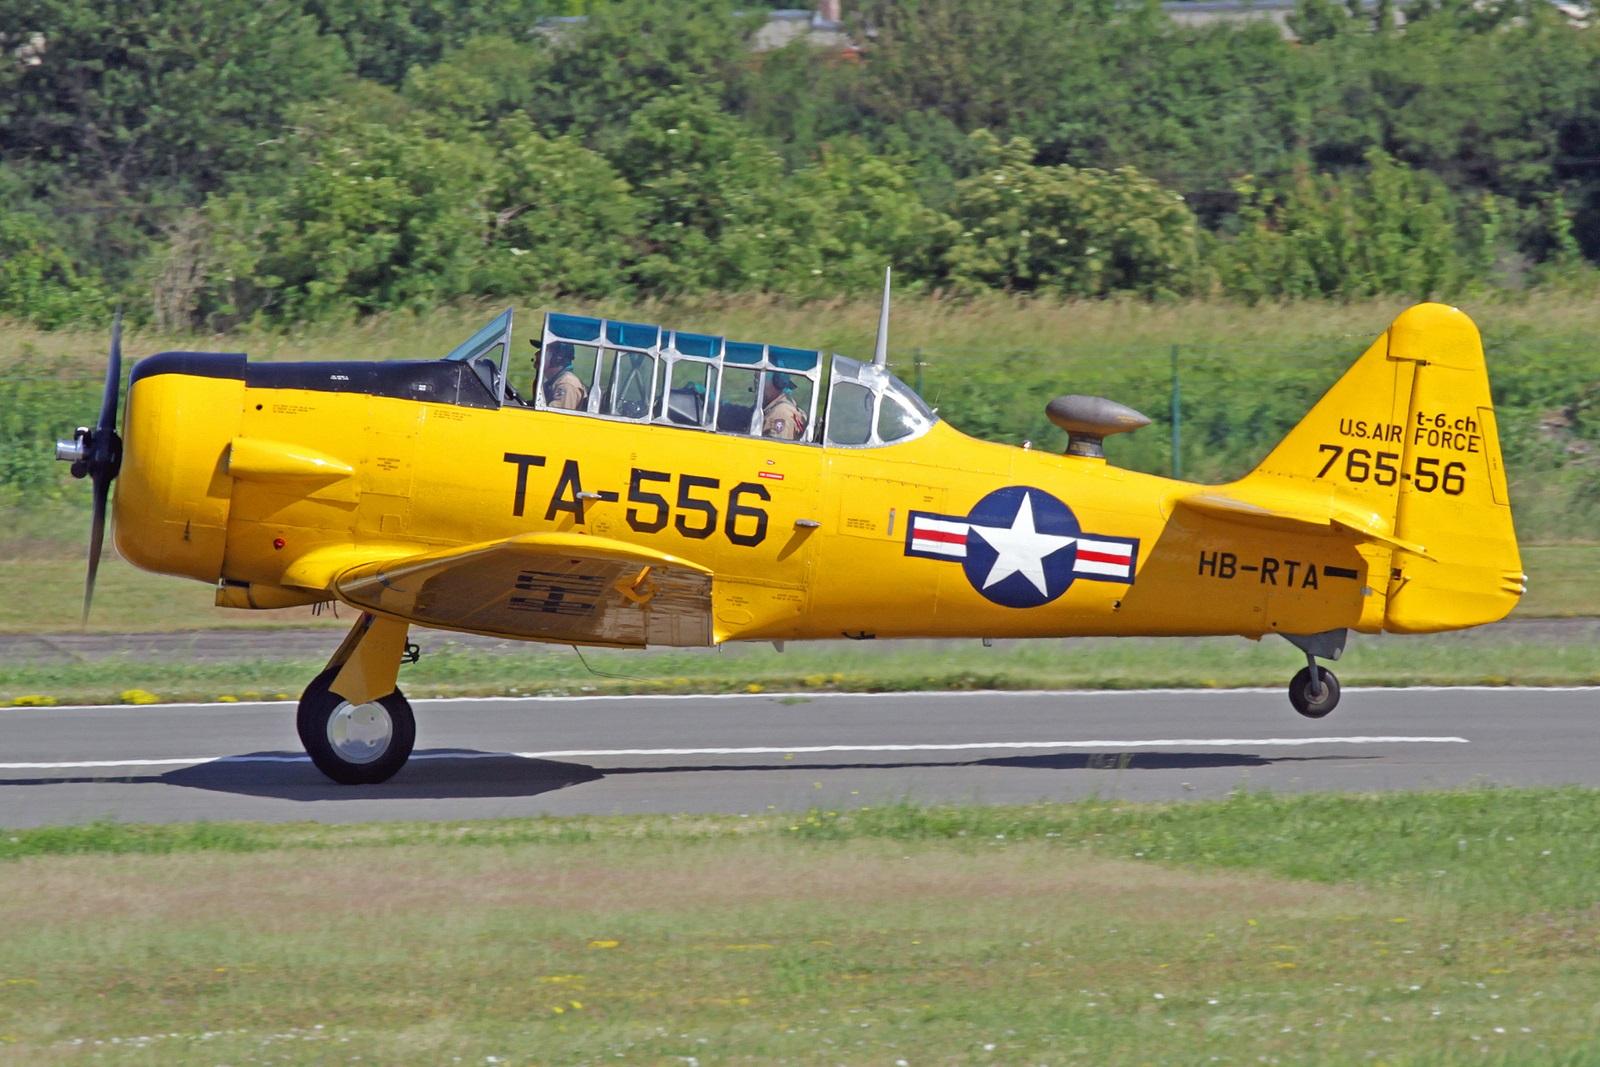 HB-RTA - Diese North American AT-6A Texan wurde am 7. Juli 1941 mit der Kennung 76-3556 in Inglewood fertig gestellt, danach jedoch als Harvard IIA und der Kennung  AJ586 von der Royal Air Force übernommen.